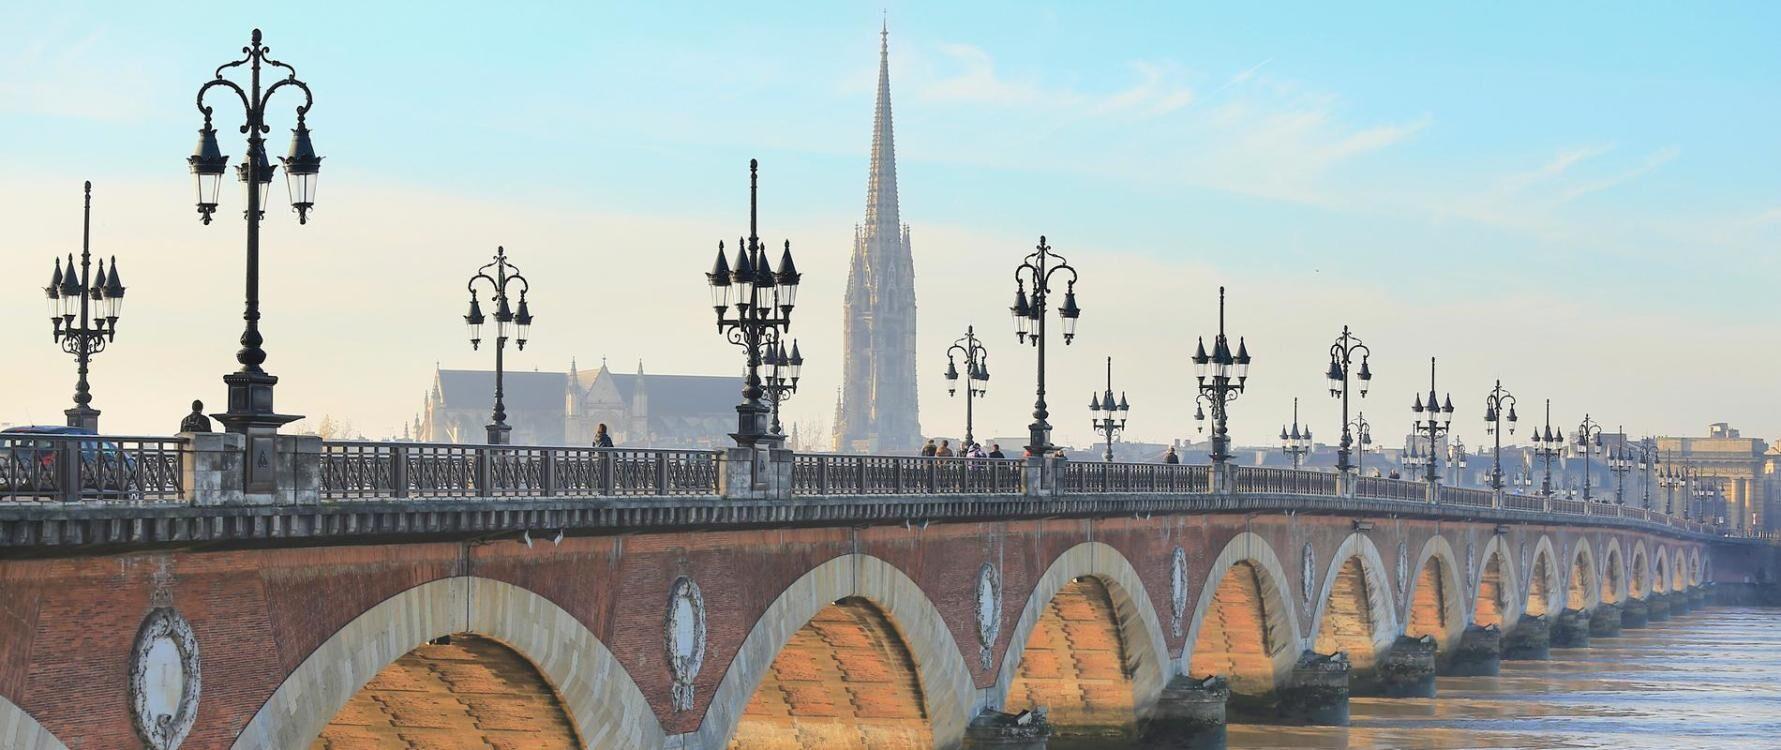 法媒盘点世界最优雅城市 法国巴黎占据榜首